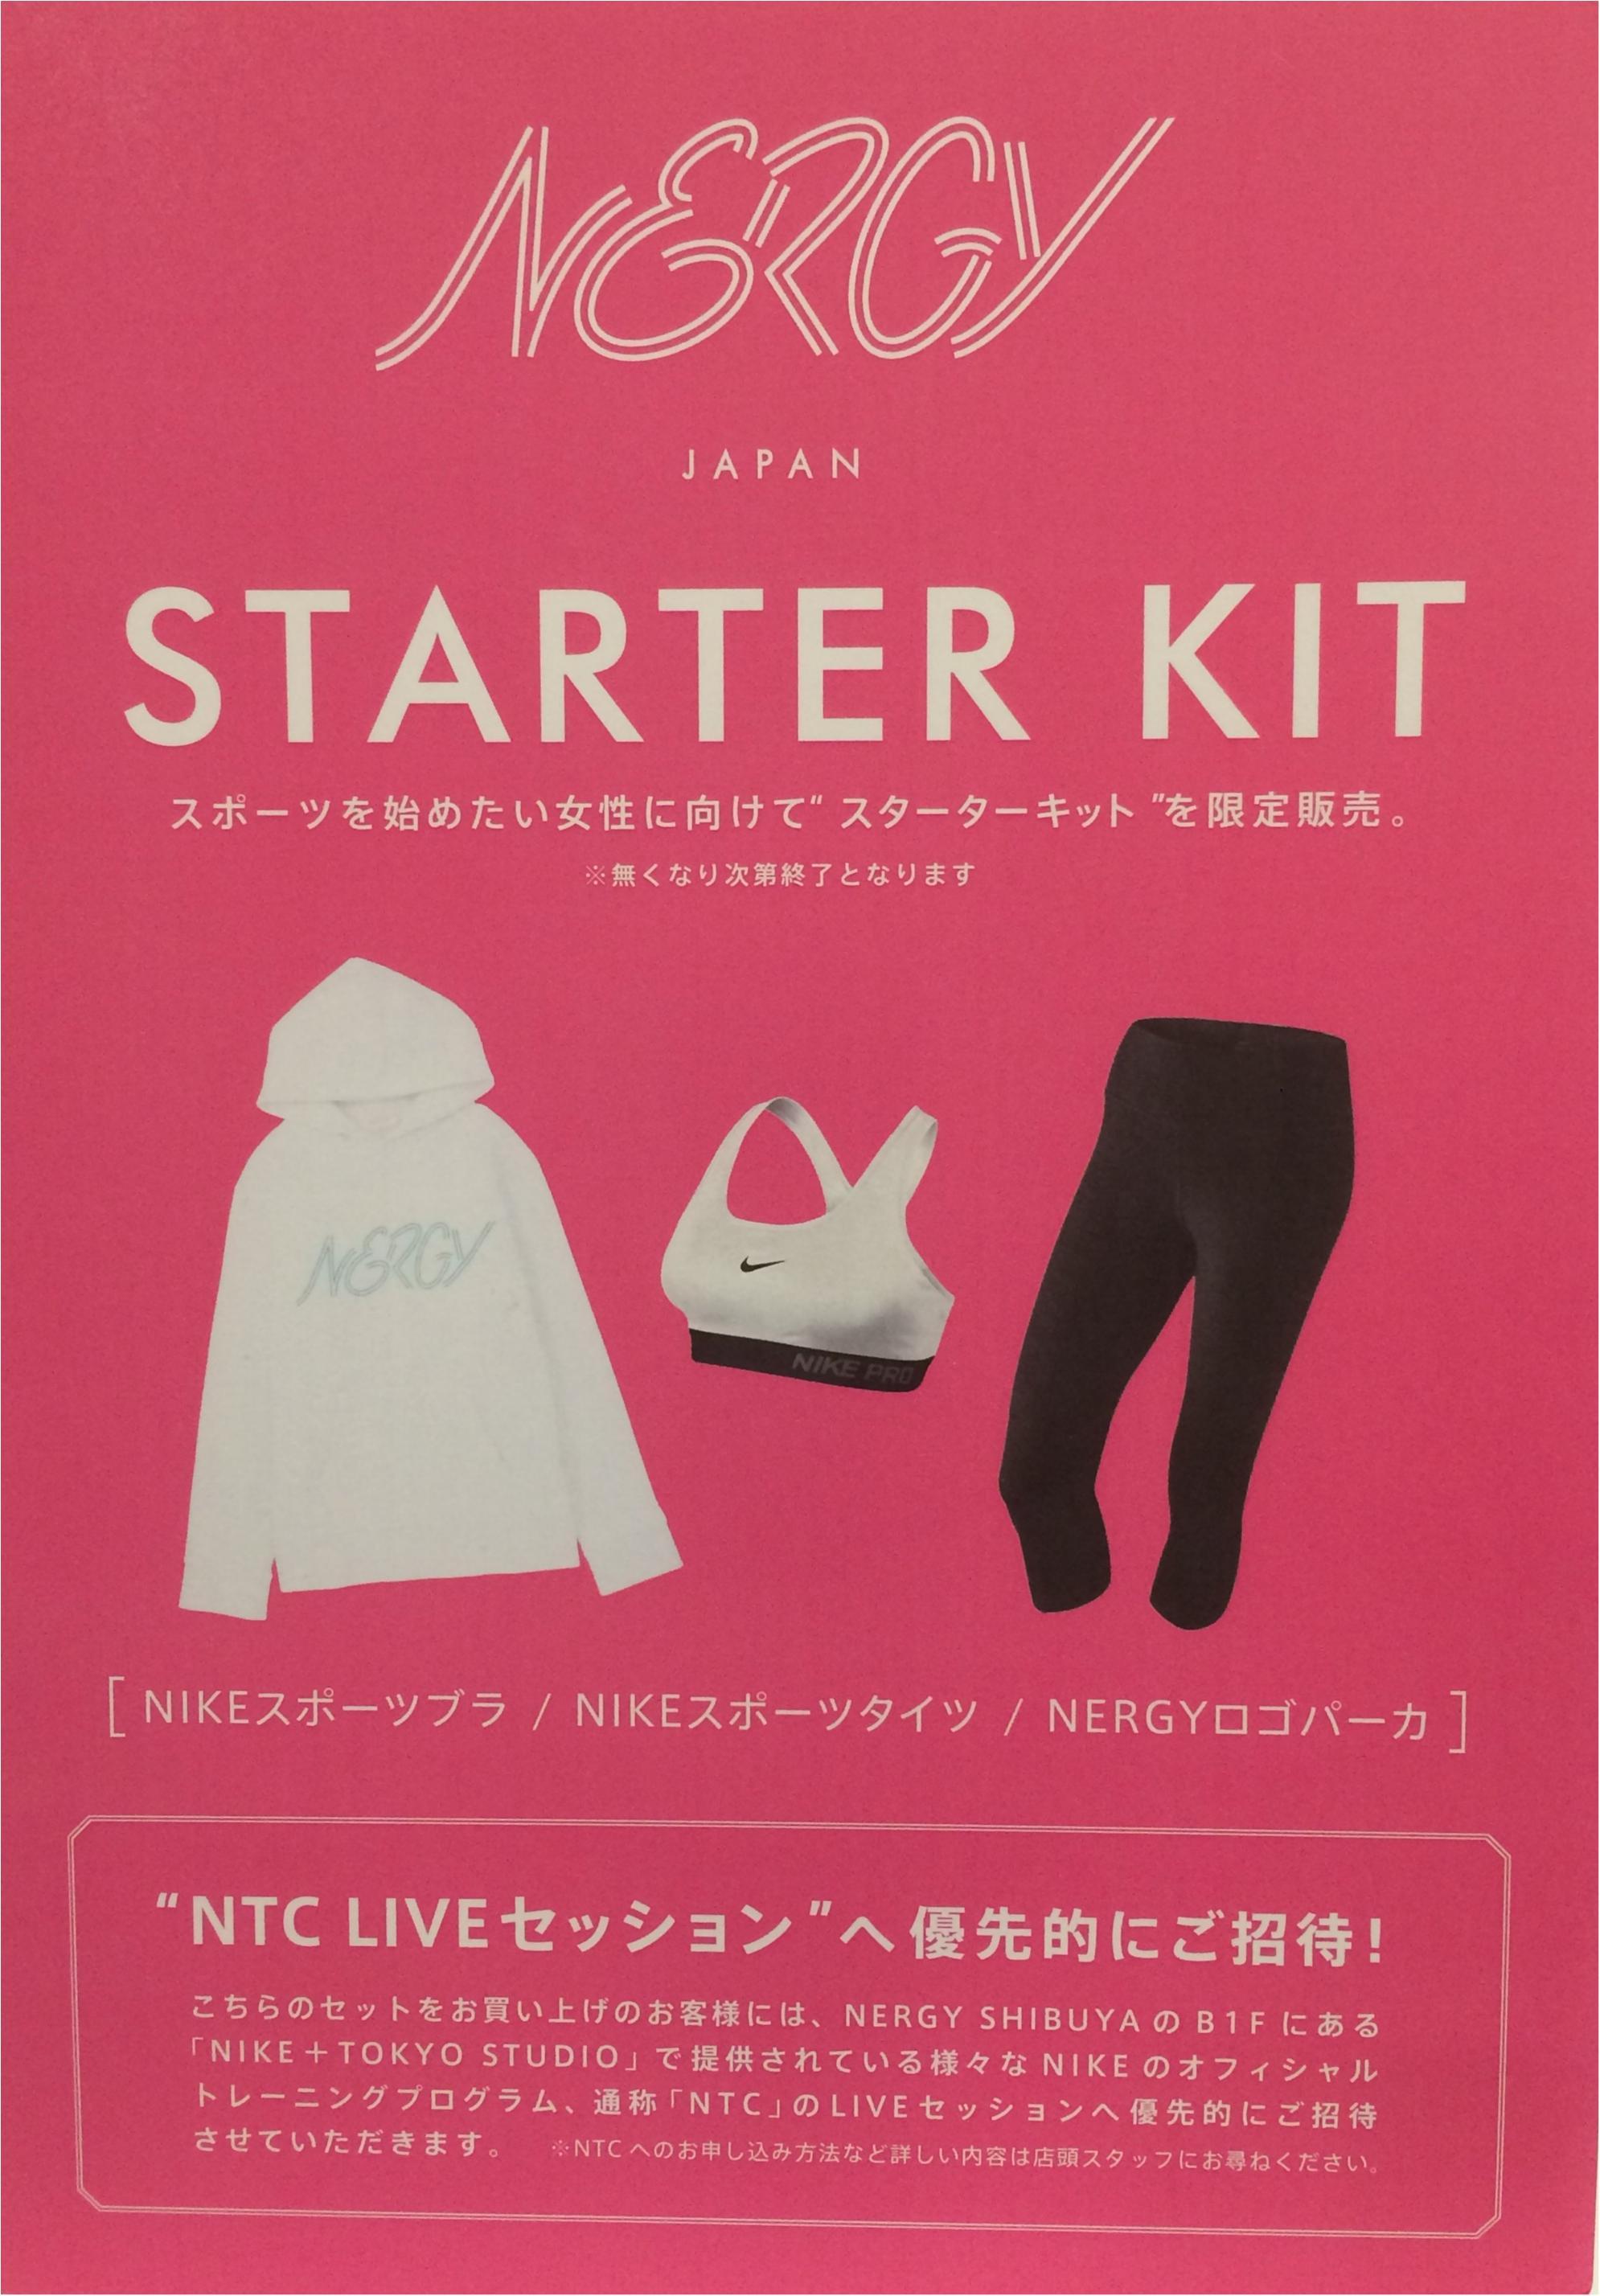 日常にスポーツを! 『NERGY』が渋谷に旗艦店をオープン☆_5